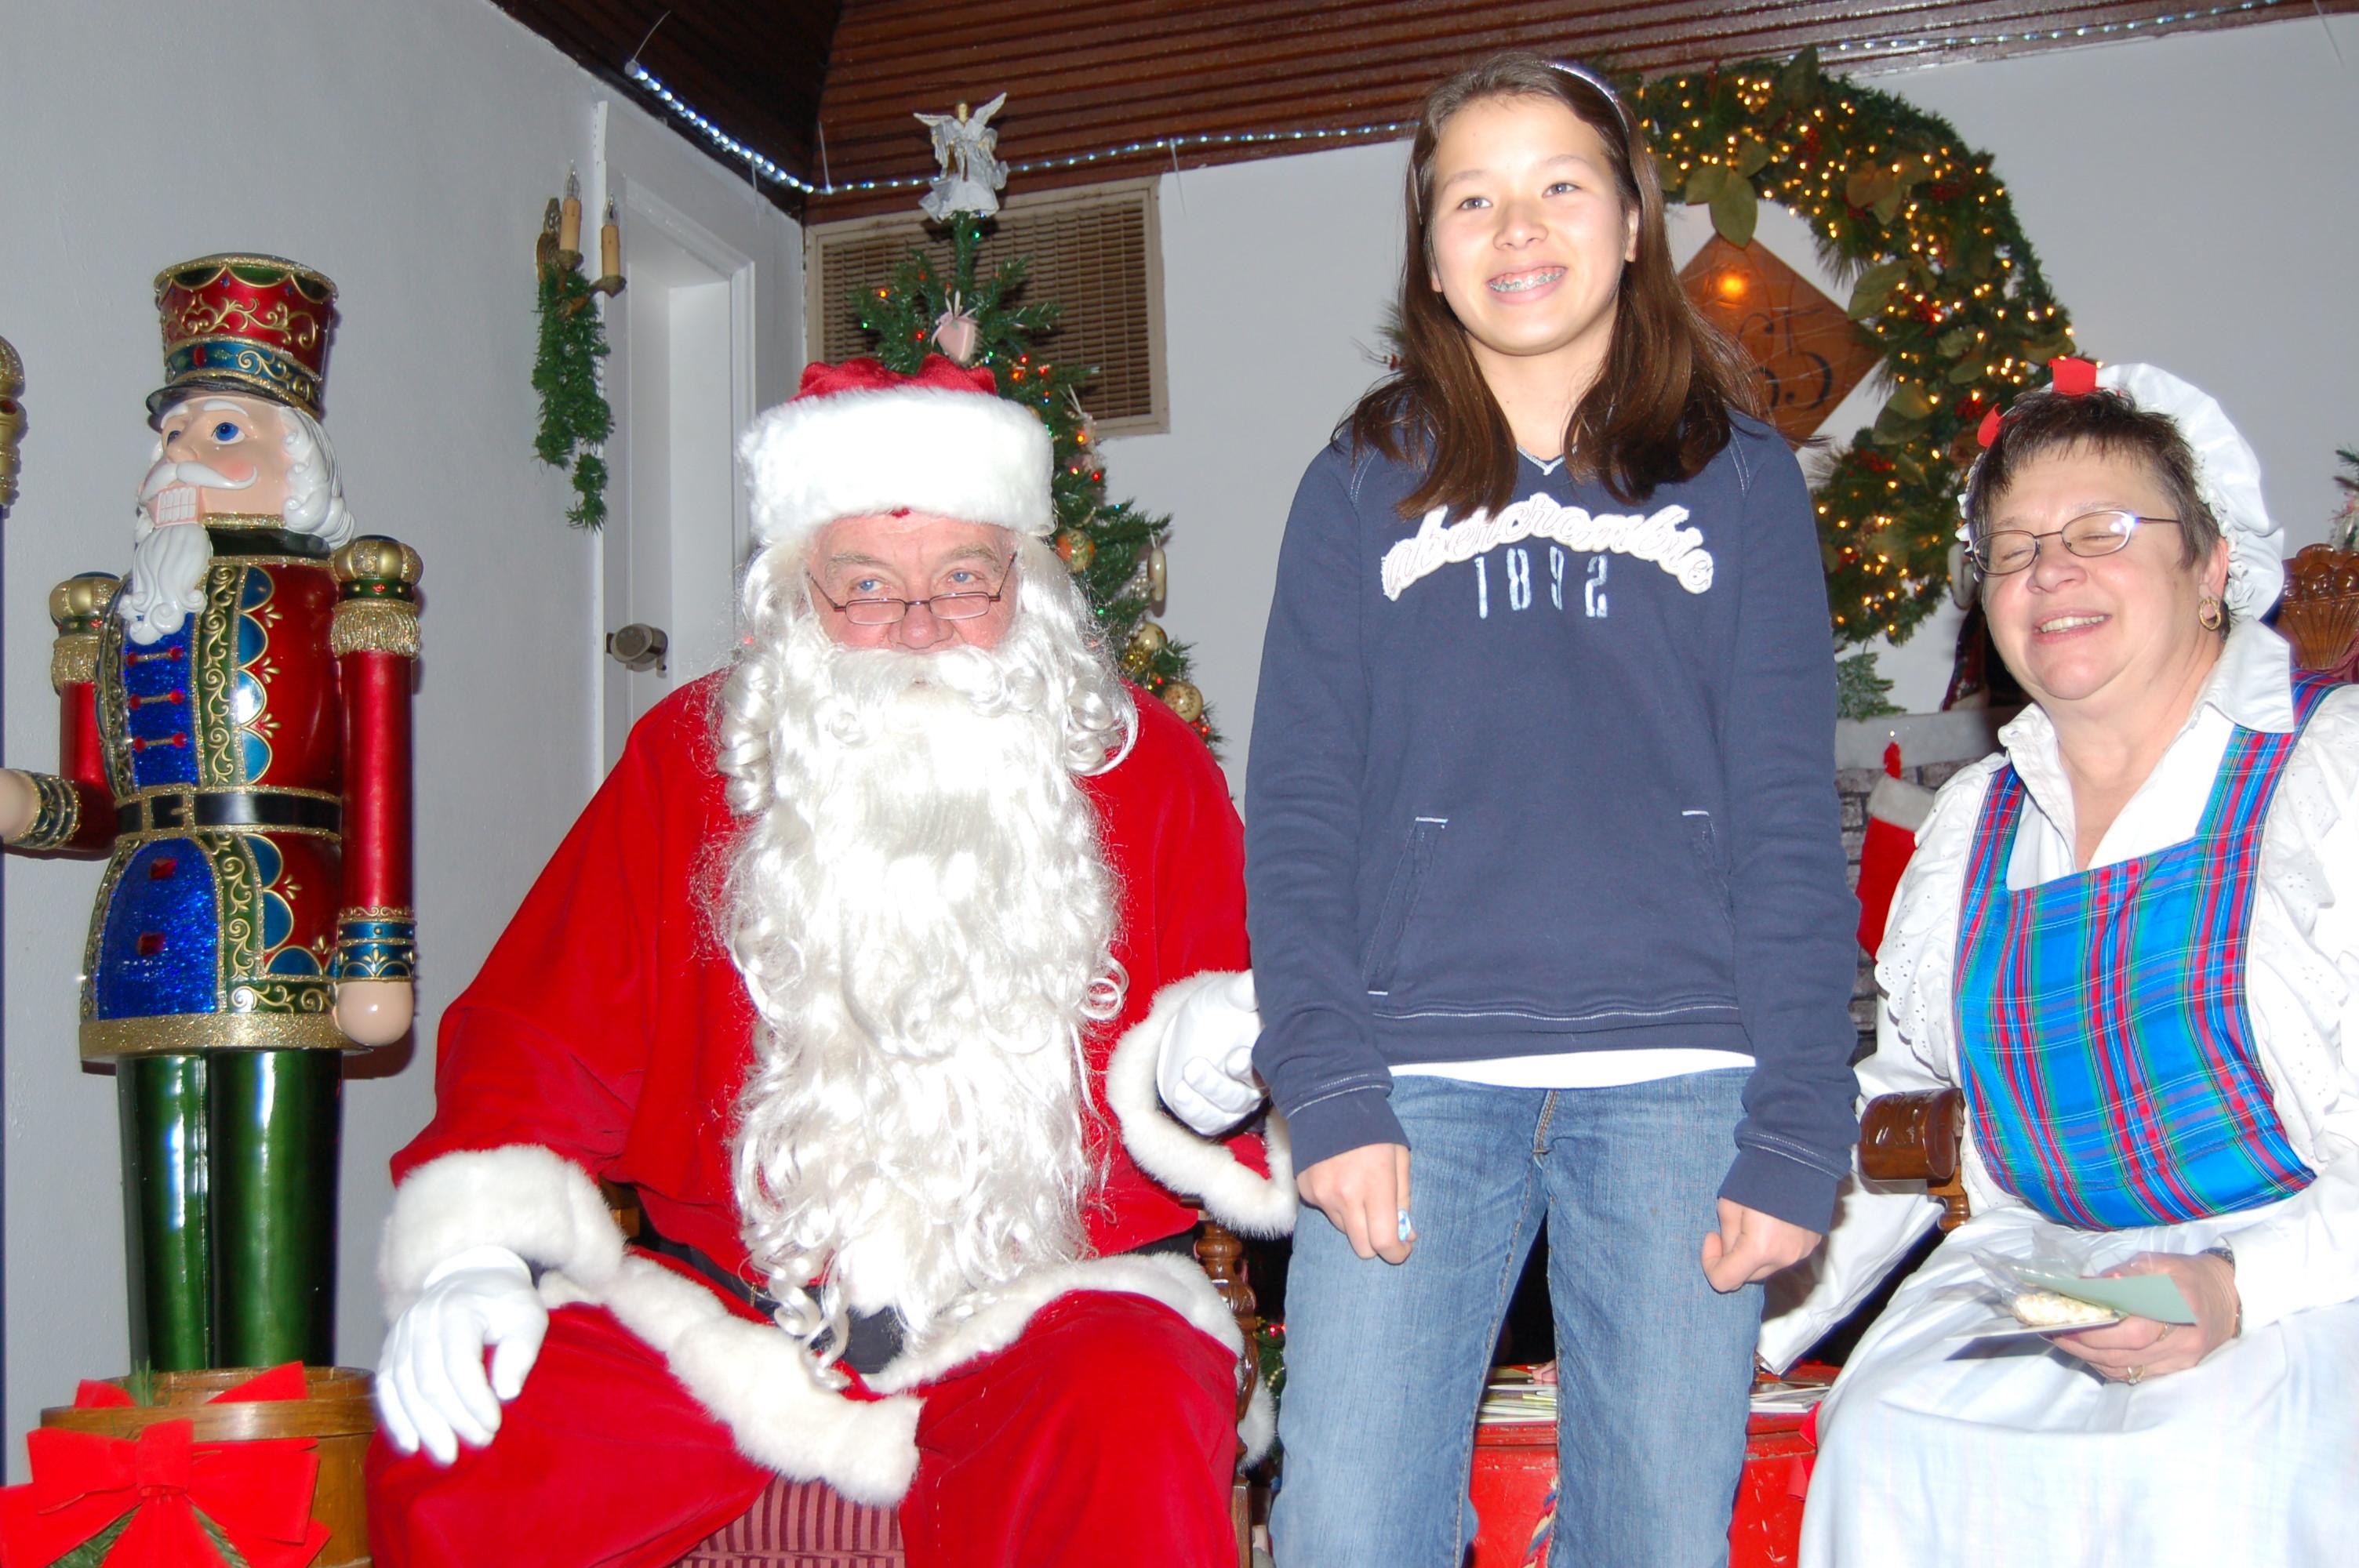 LolliPop+Lane+12-11-2008+Picture+031.jpg